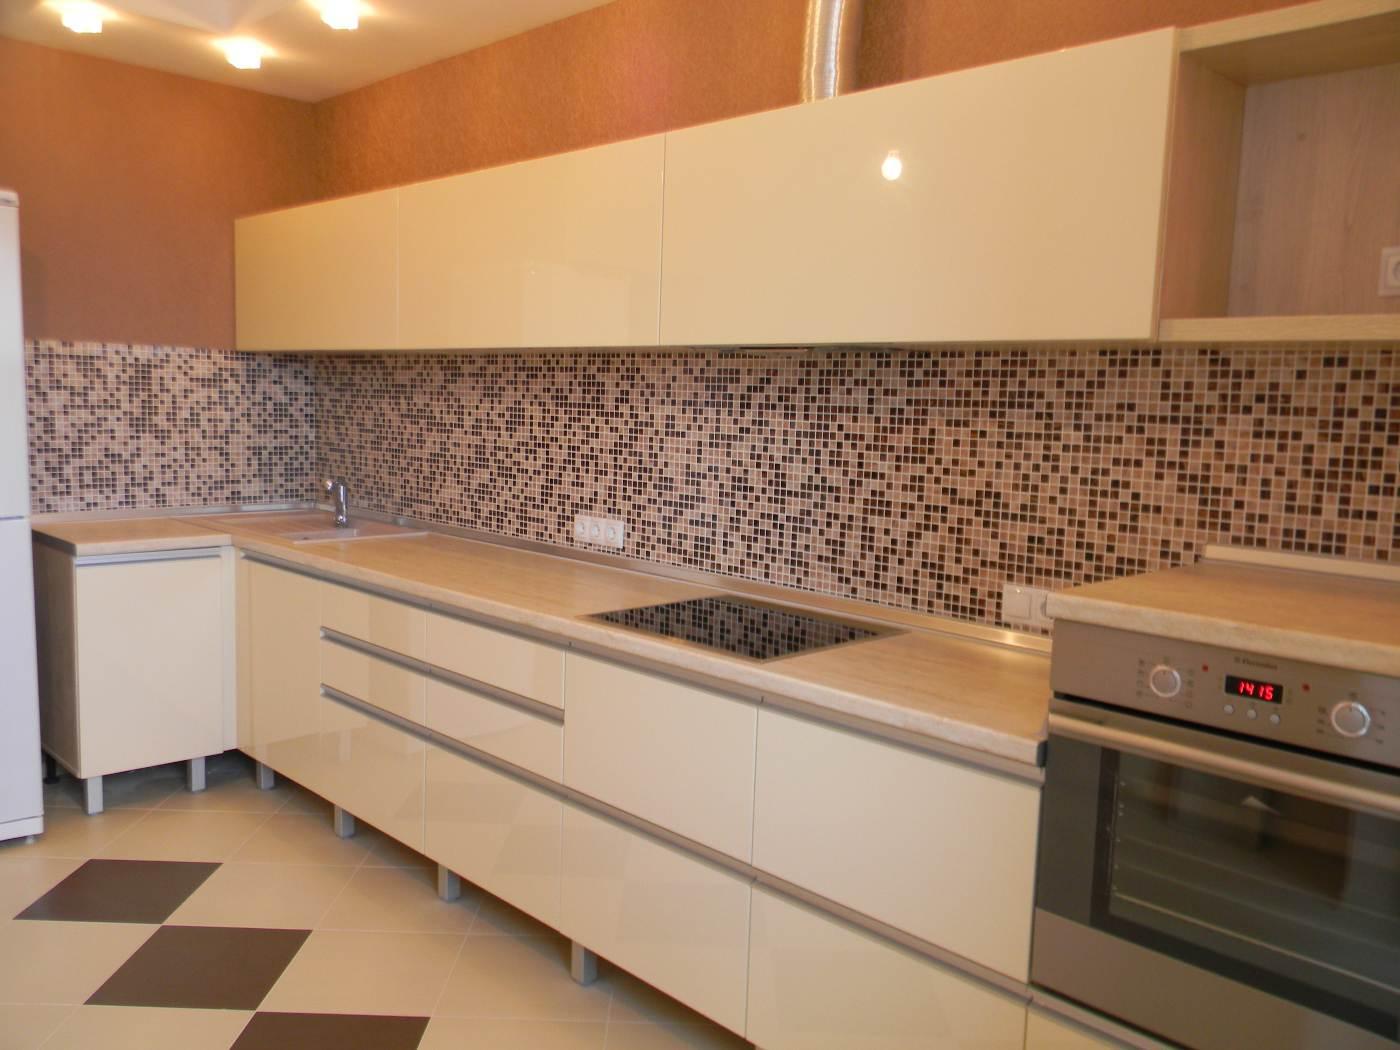 Бежевая глянцевая кухня фото